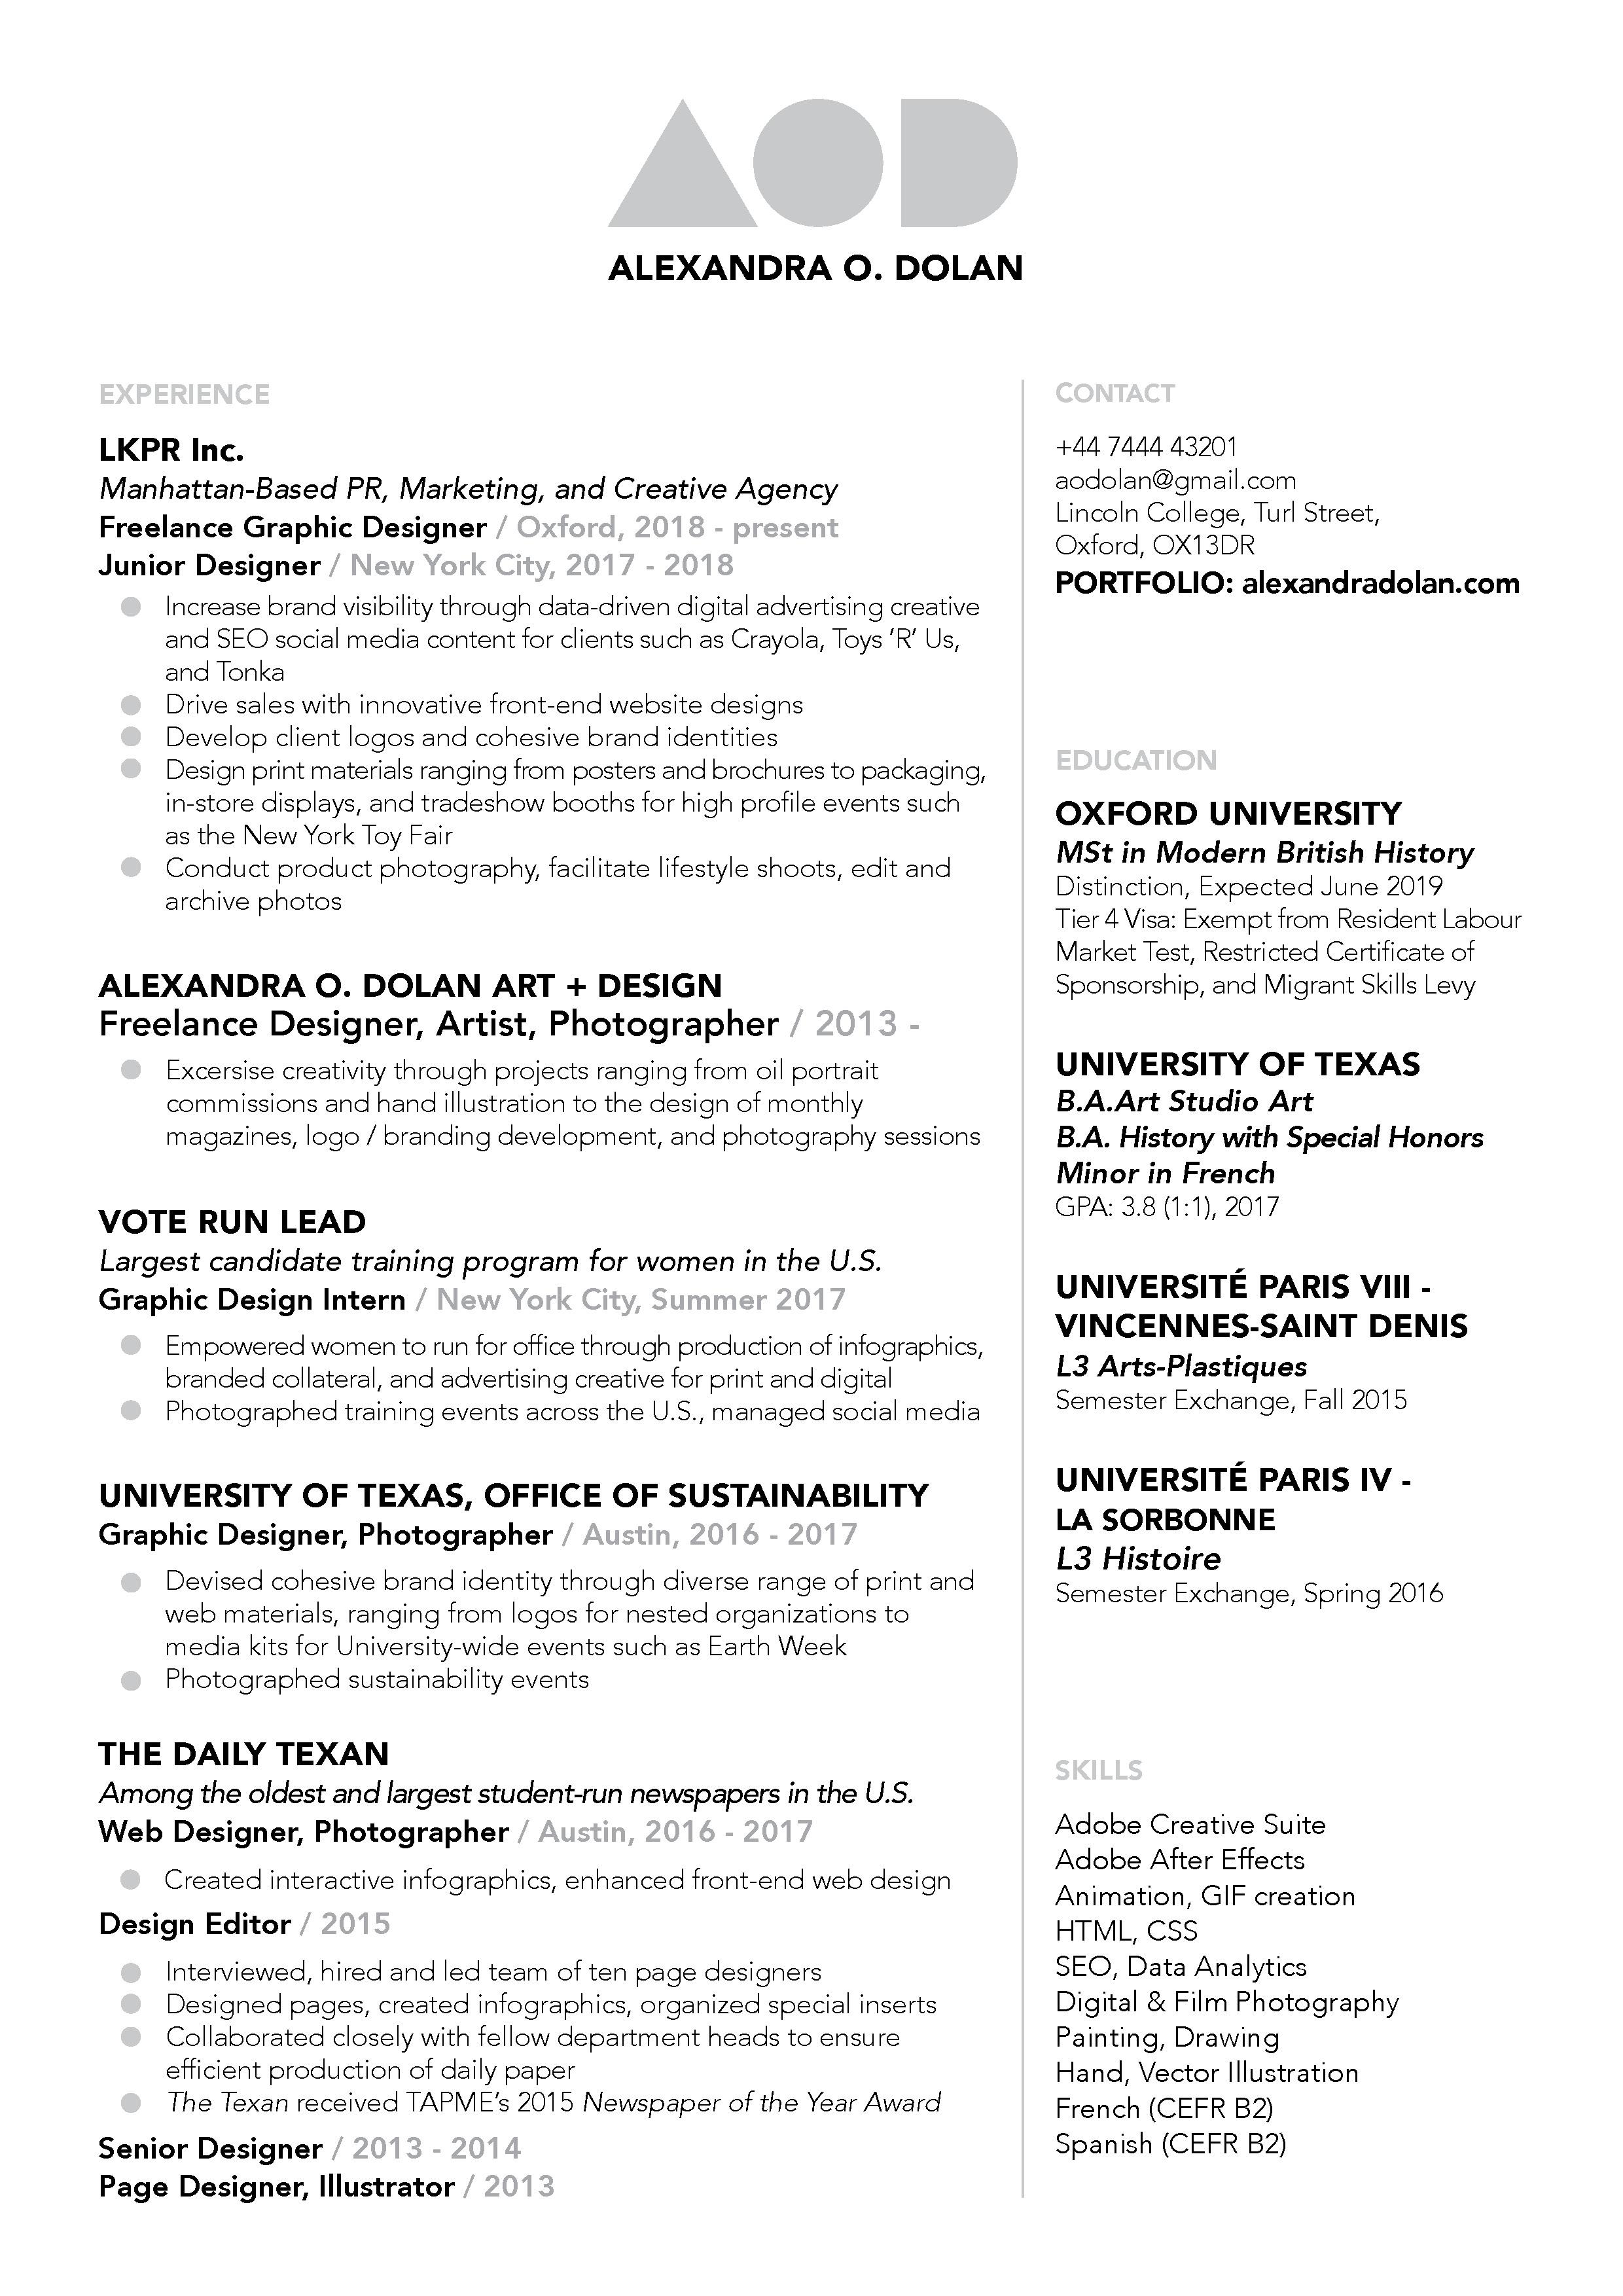 Dolan, Alexandra - Design Resume 2019.jpg